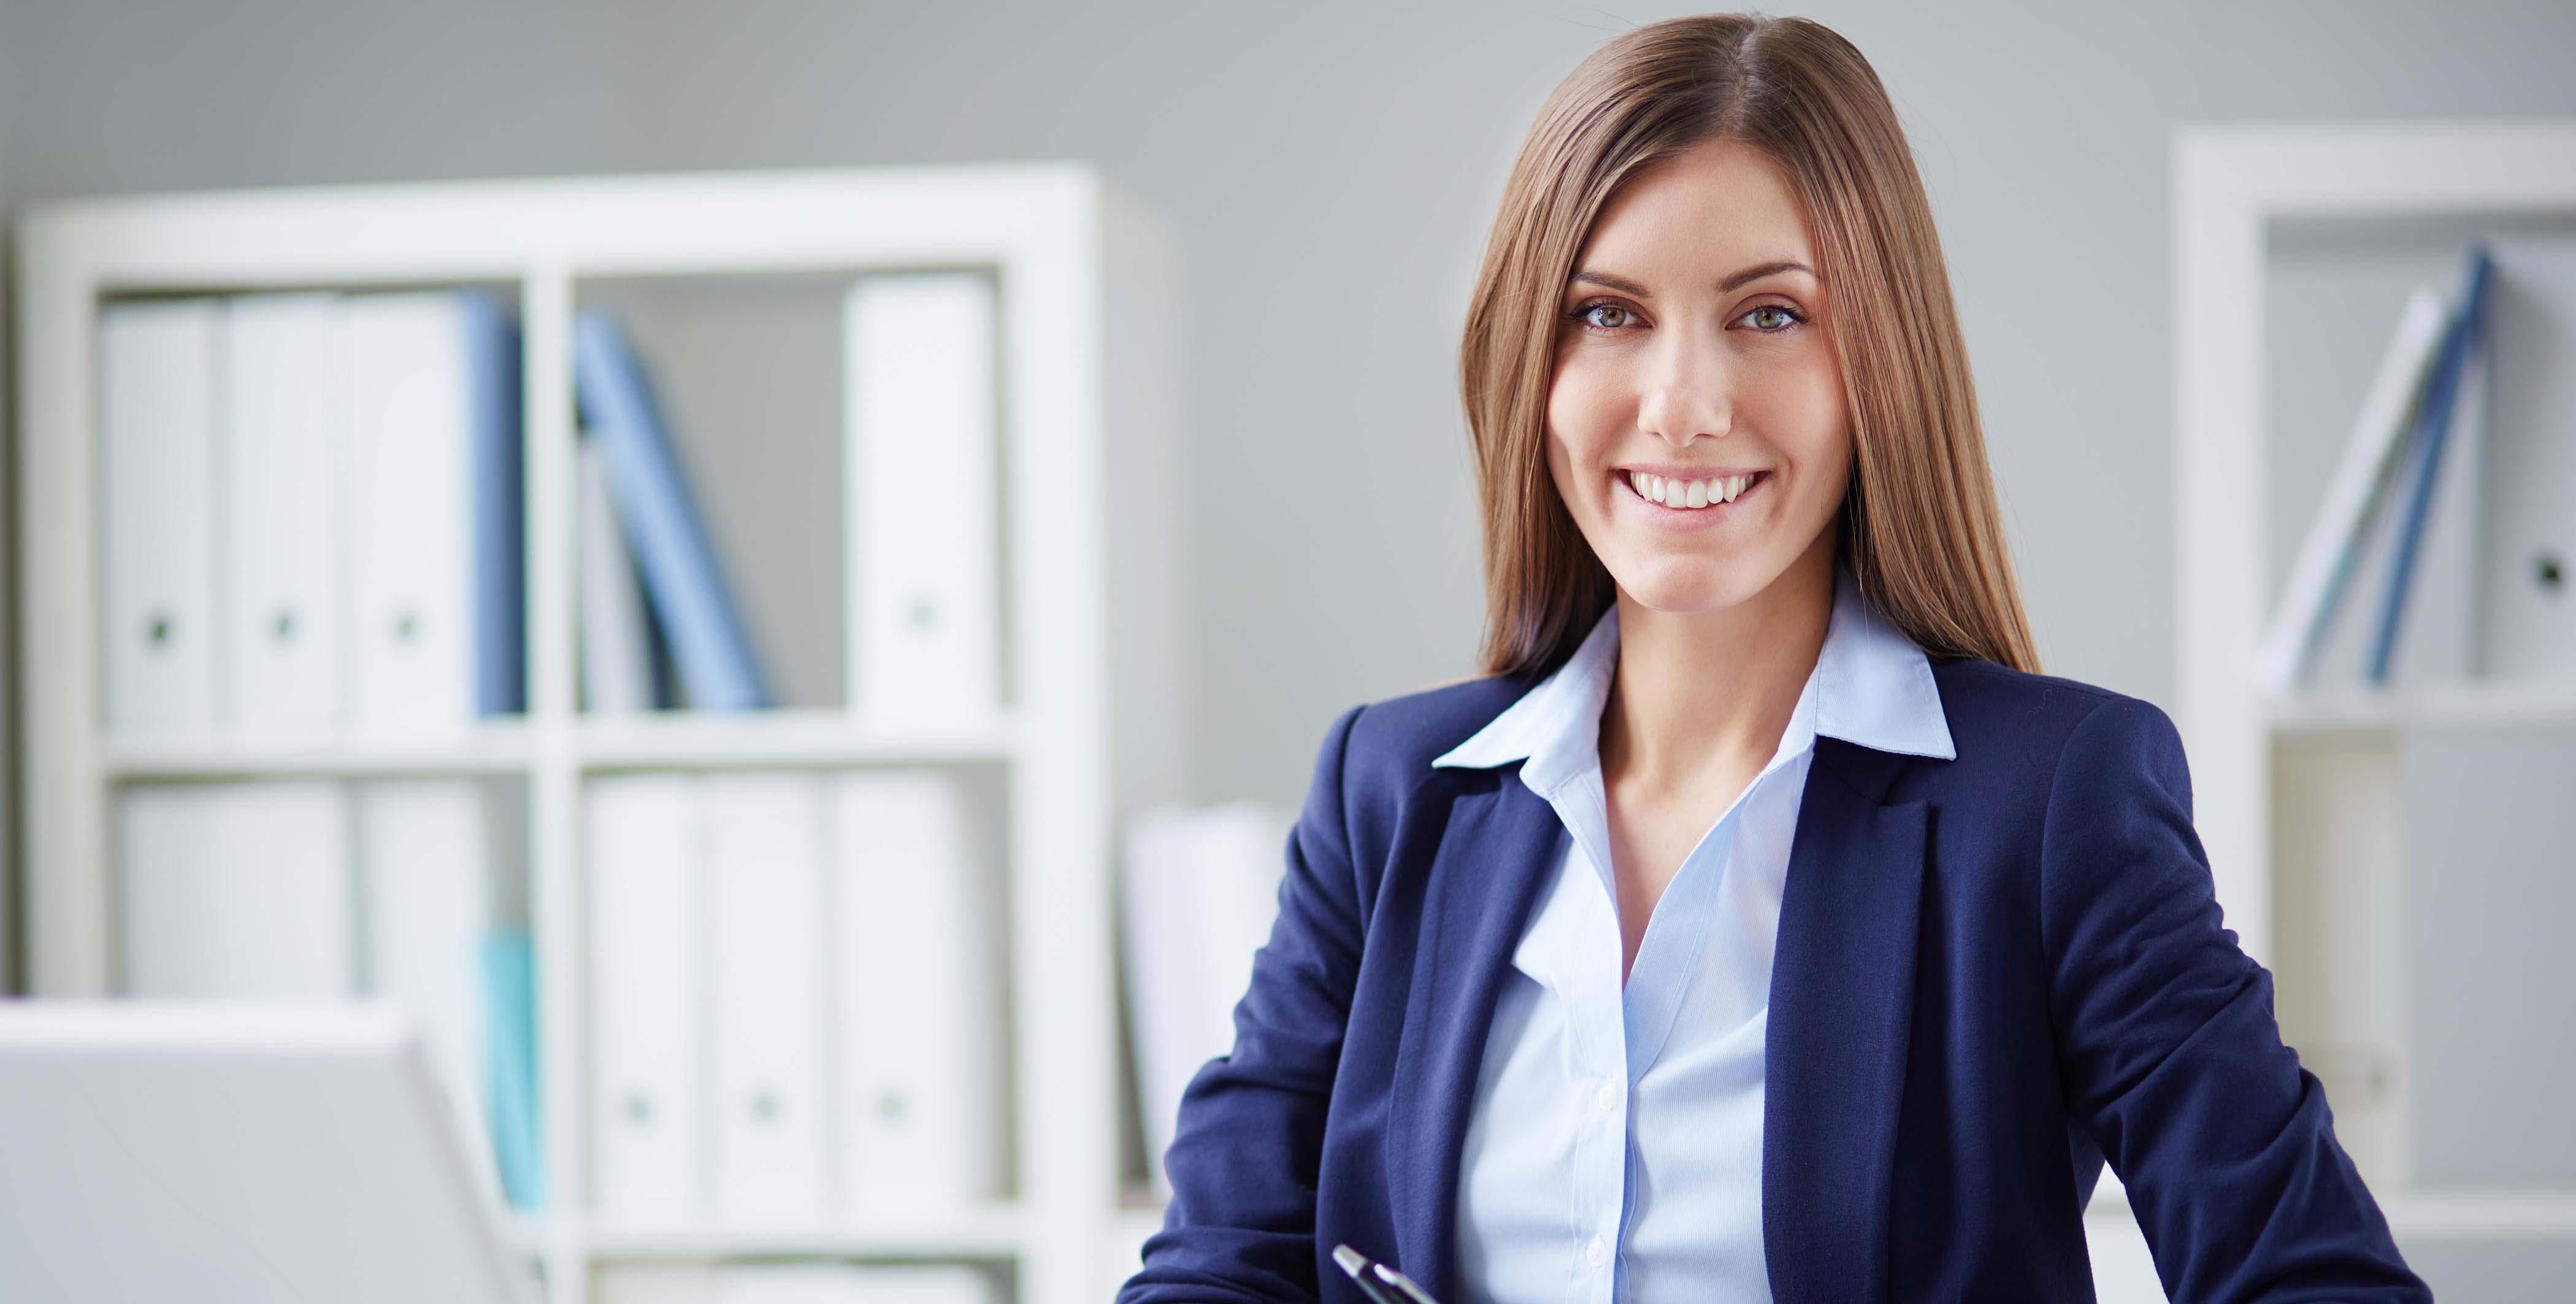 Con J de Juno: reflexiones sobre el emprendimiento femenino